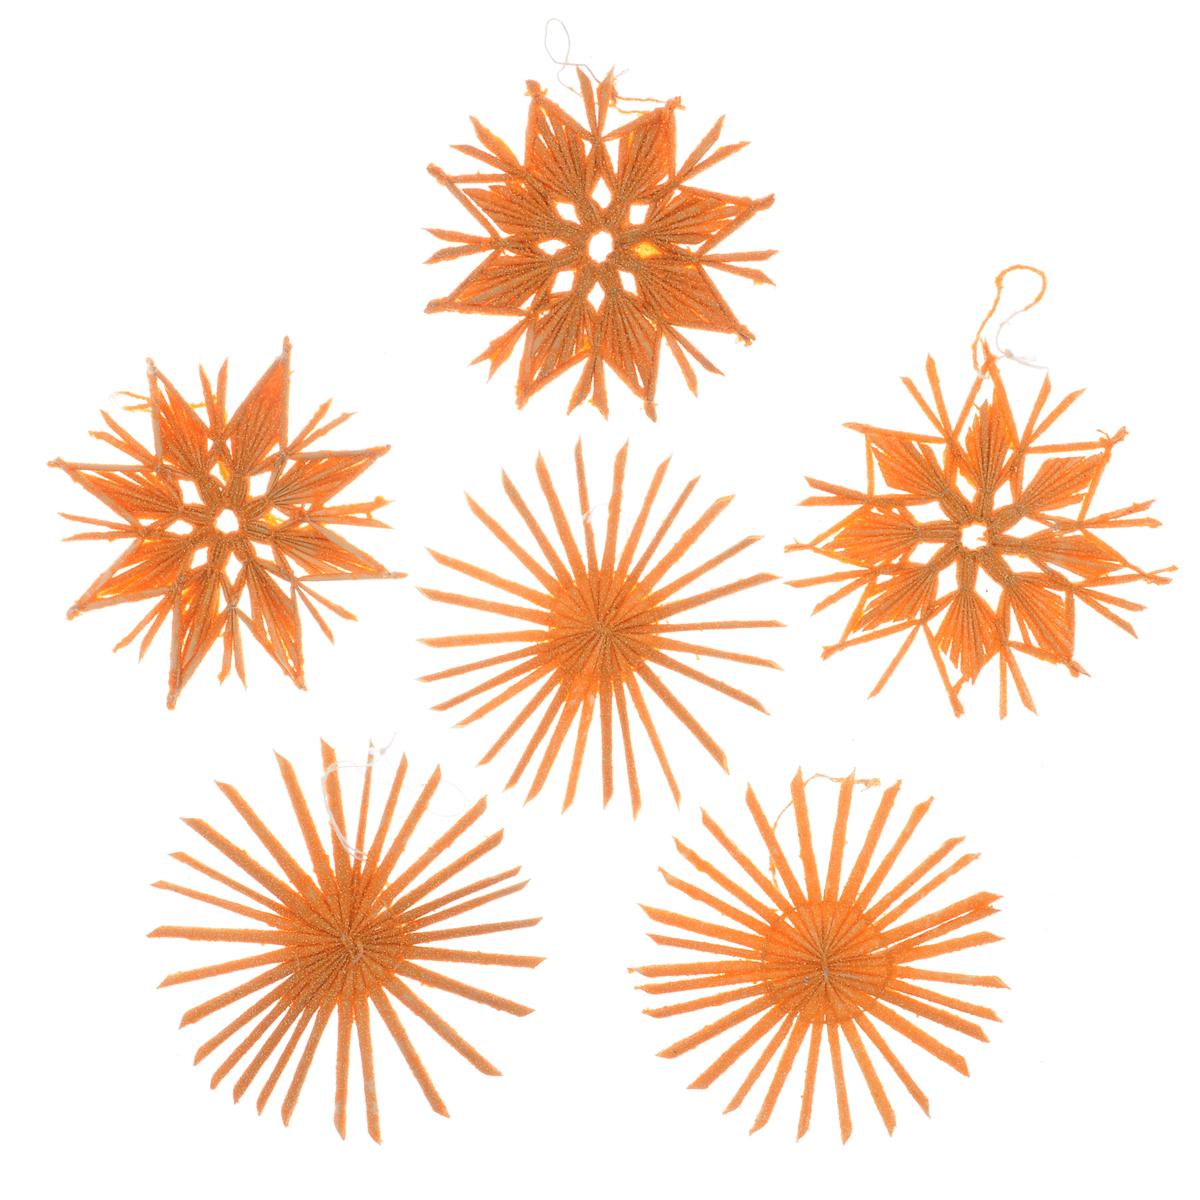 Набор новогодних подвесных украшений Феникс-презент Звезды, цвет: оранжевый, 6 шт набор новогодних украшений феникс презент бант цвет лиловый 12 шт 39193